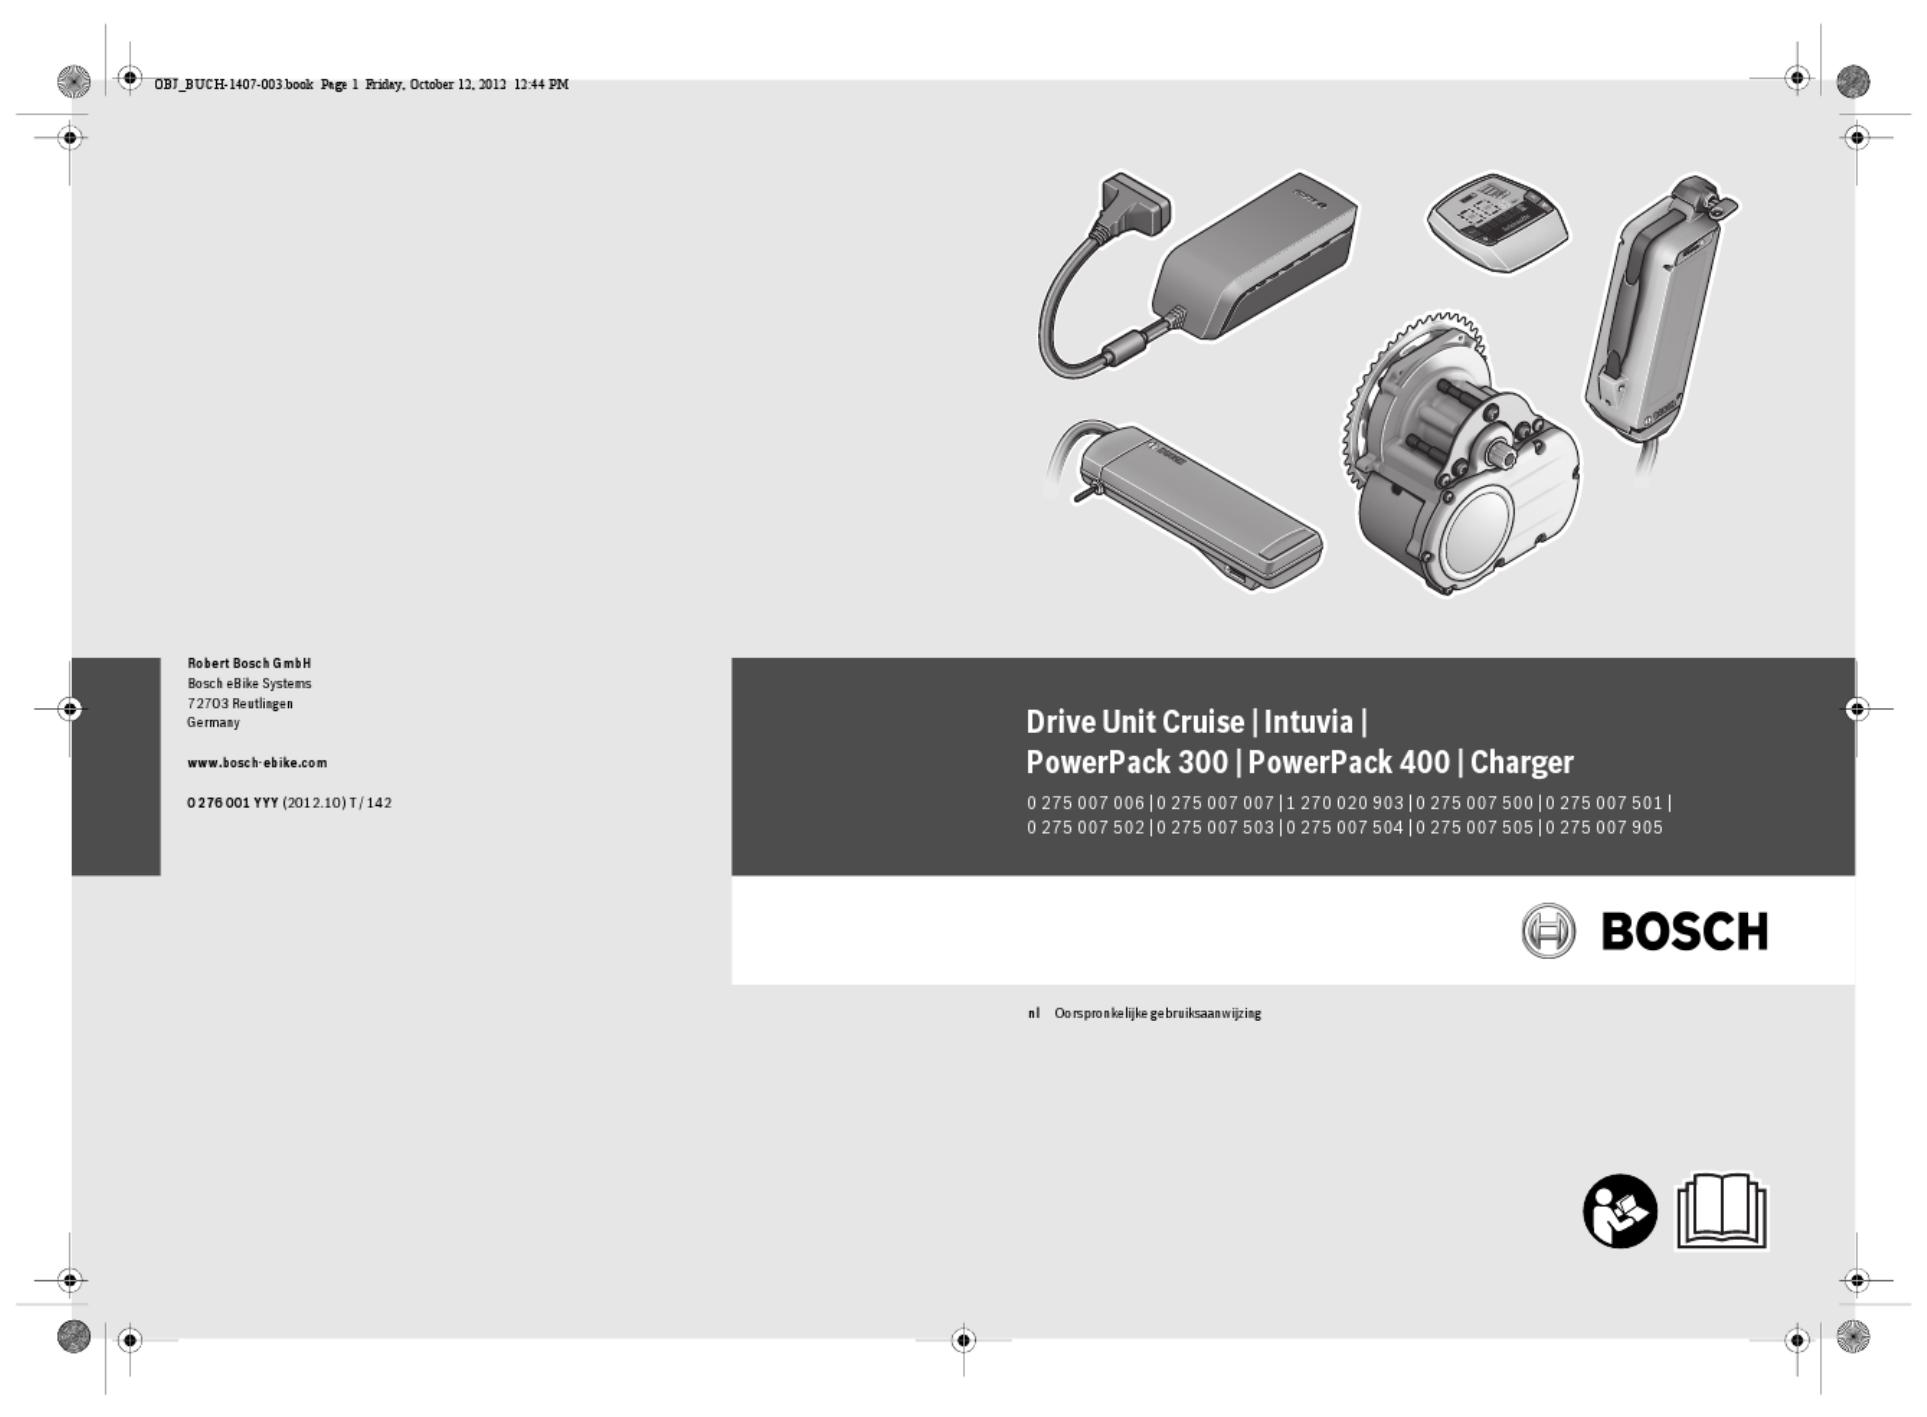 Bosch powerpack 400 handleiding